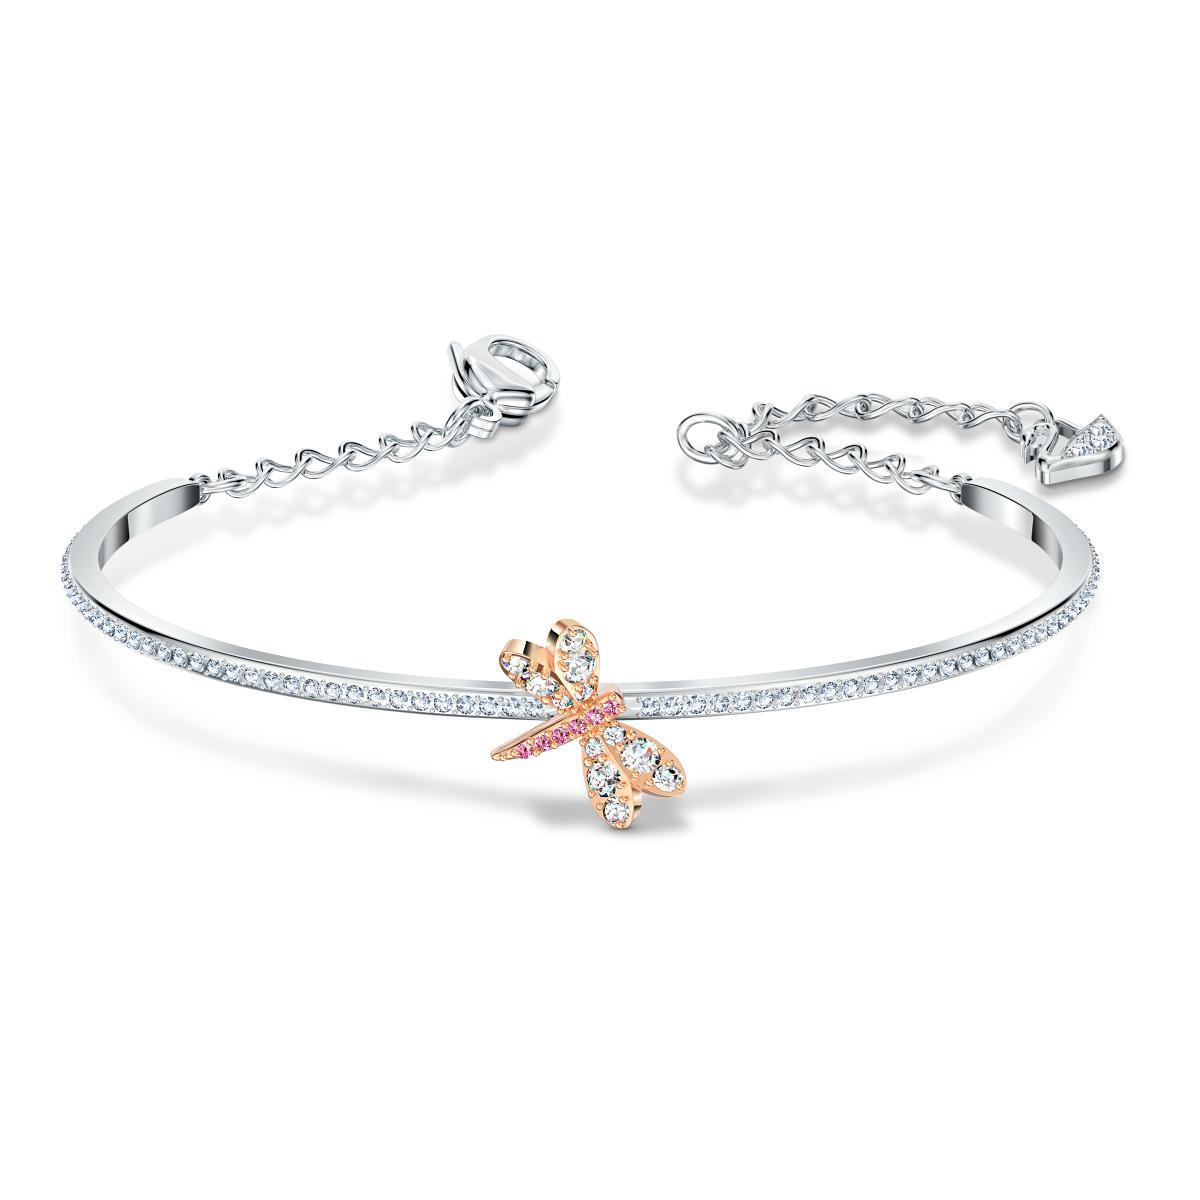 Bracelet Swarovski 5518138 - Bracelet métal argenté libéllule rose strass  Femme